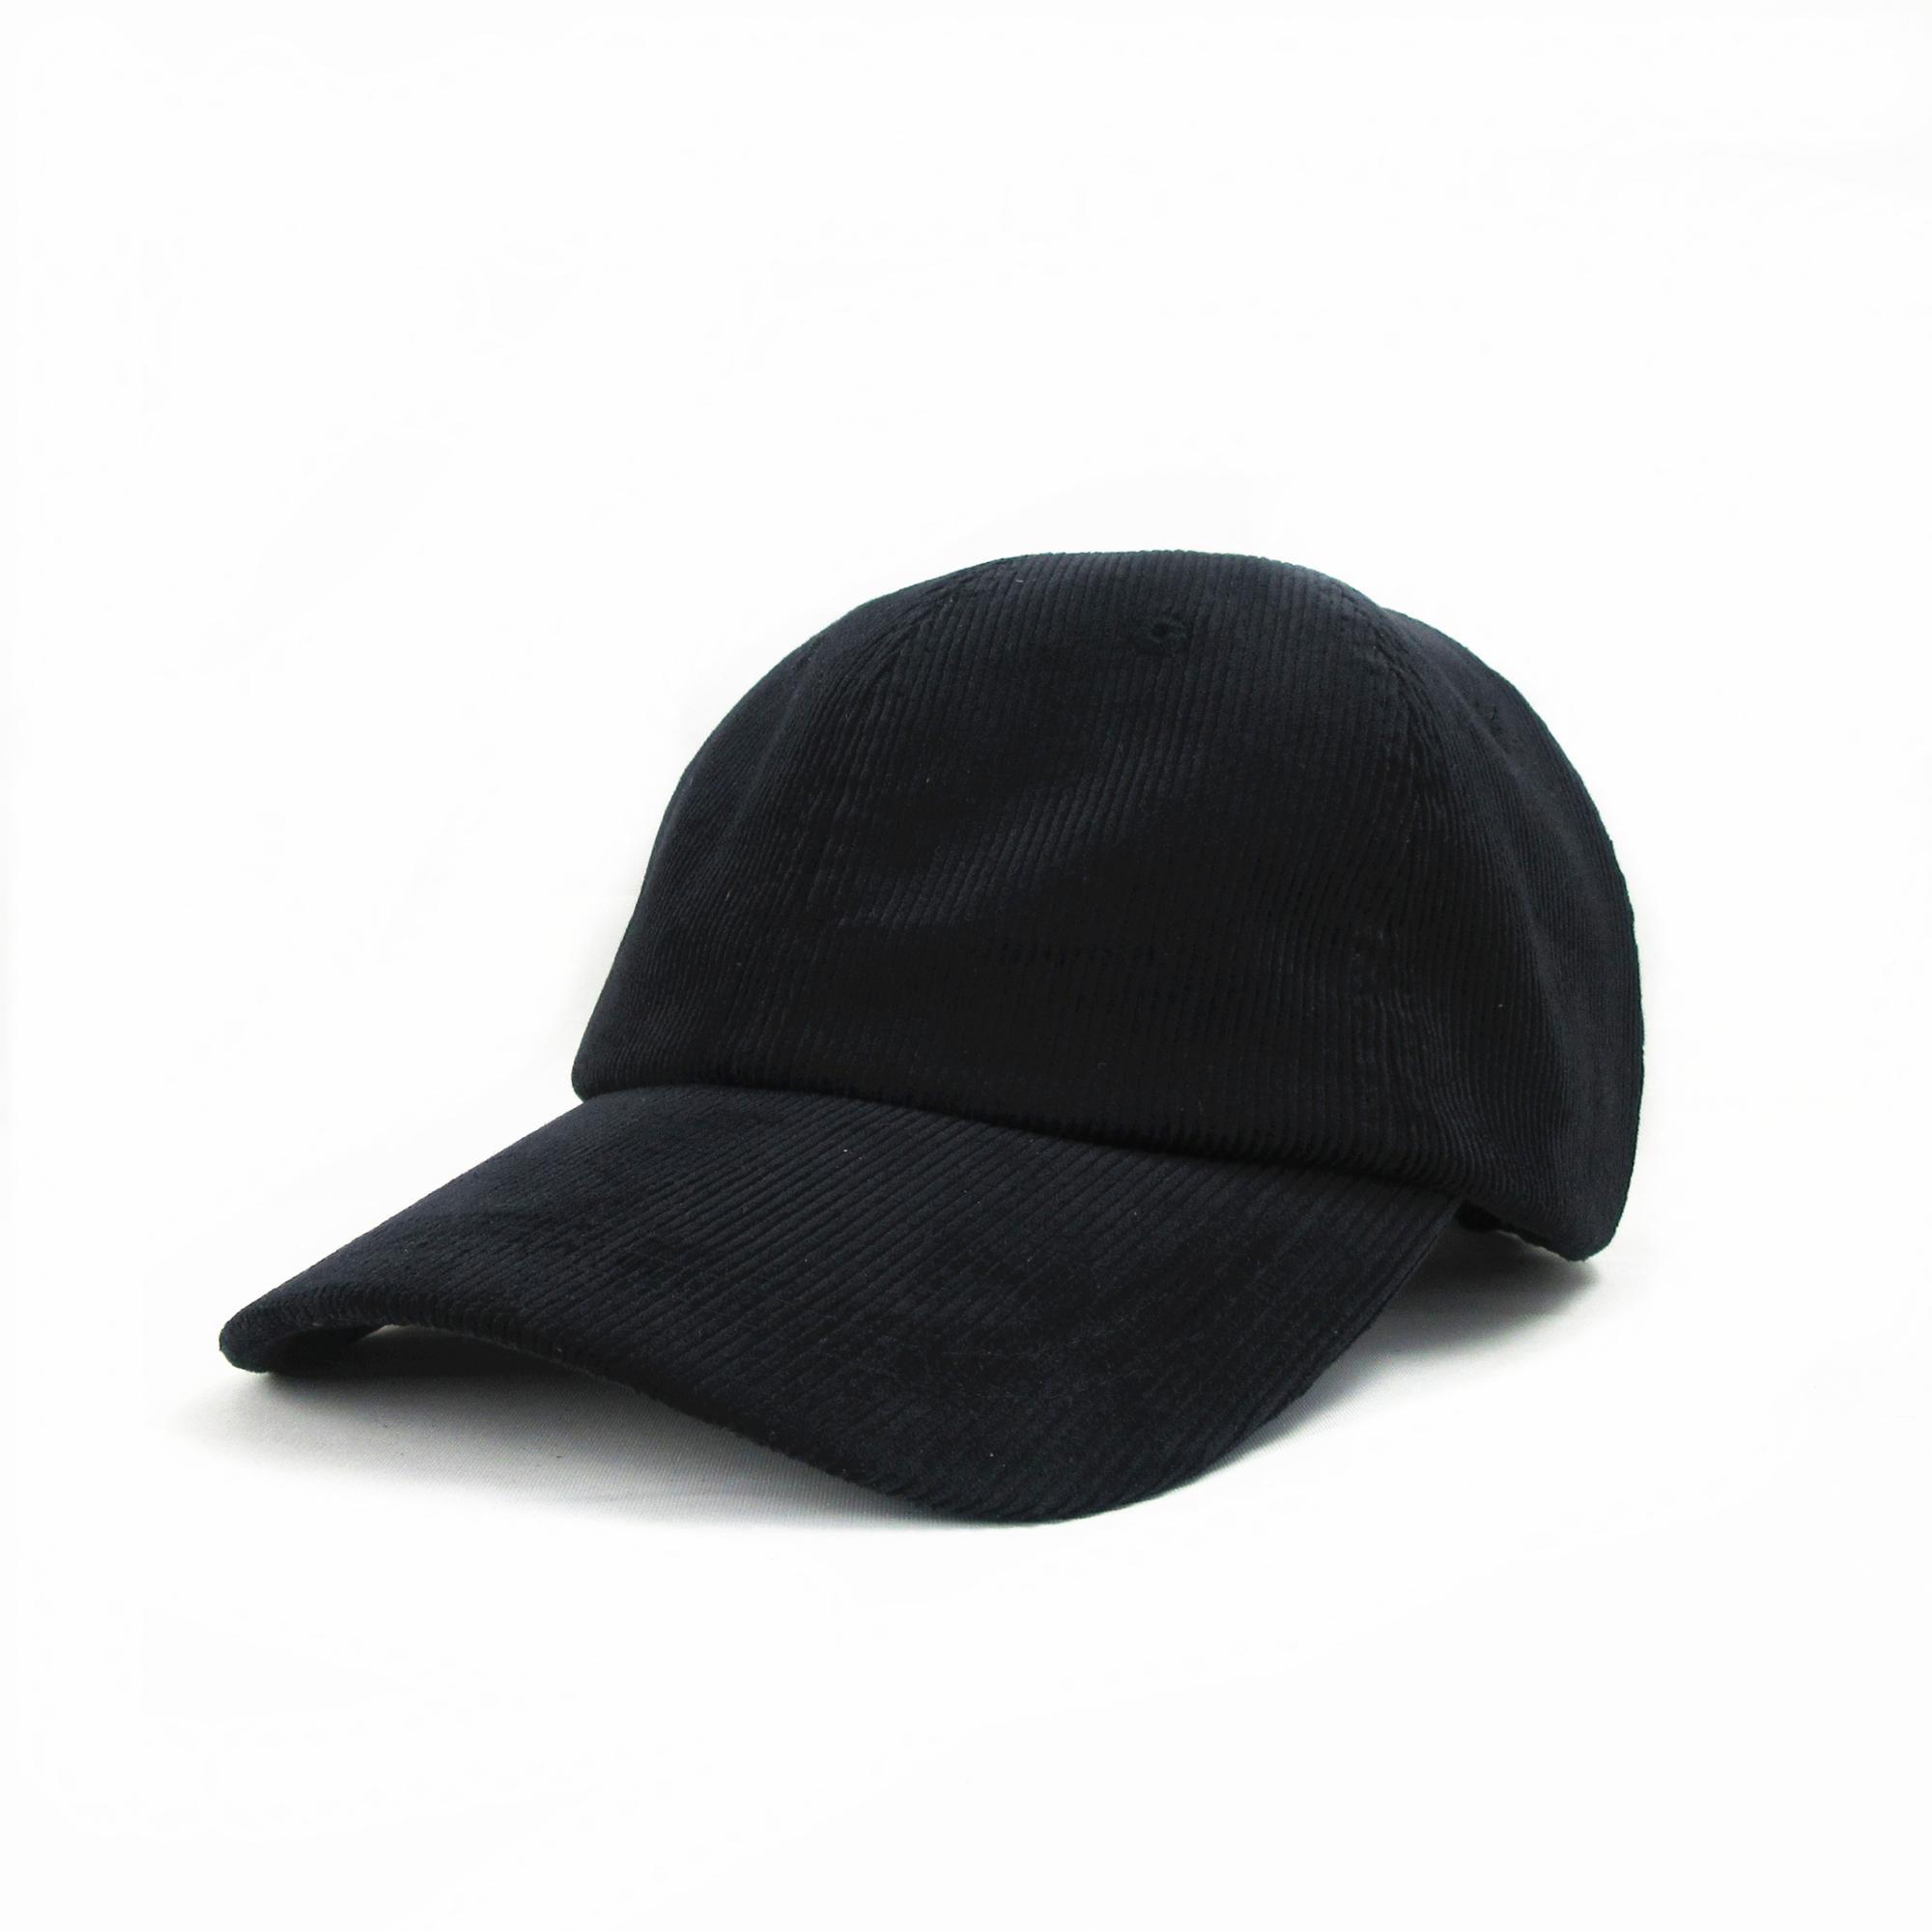 6 Panel Plain Corduroy Strapback Baseball Cap - Buy Plain Baseball ... e81ea3de668